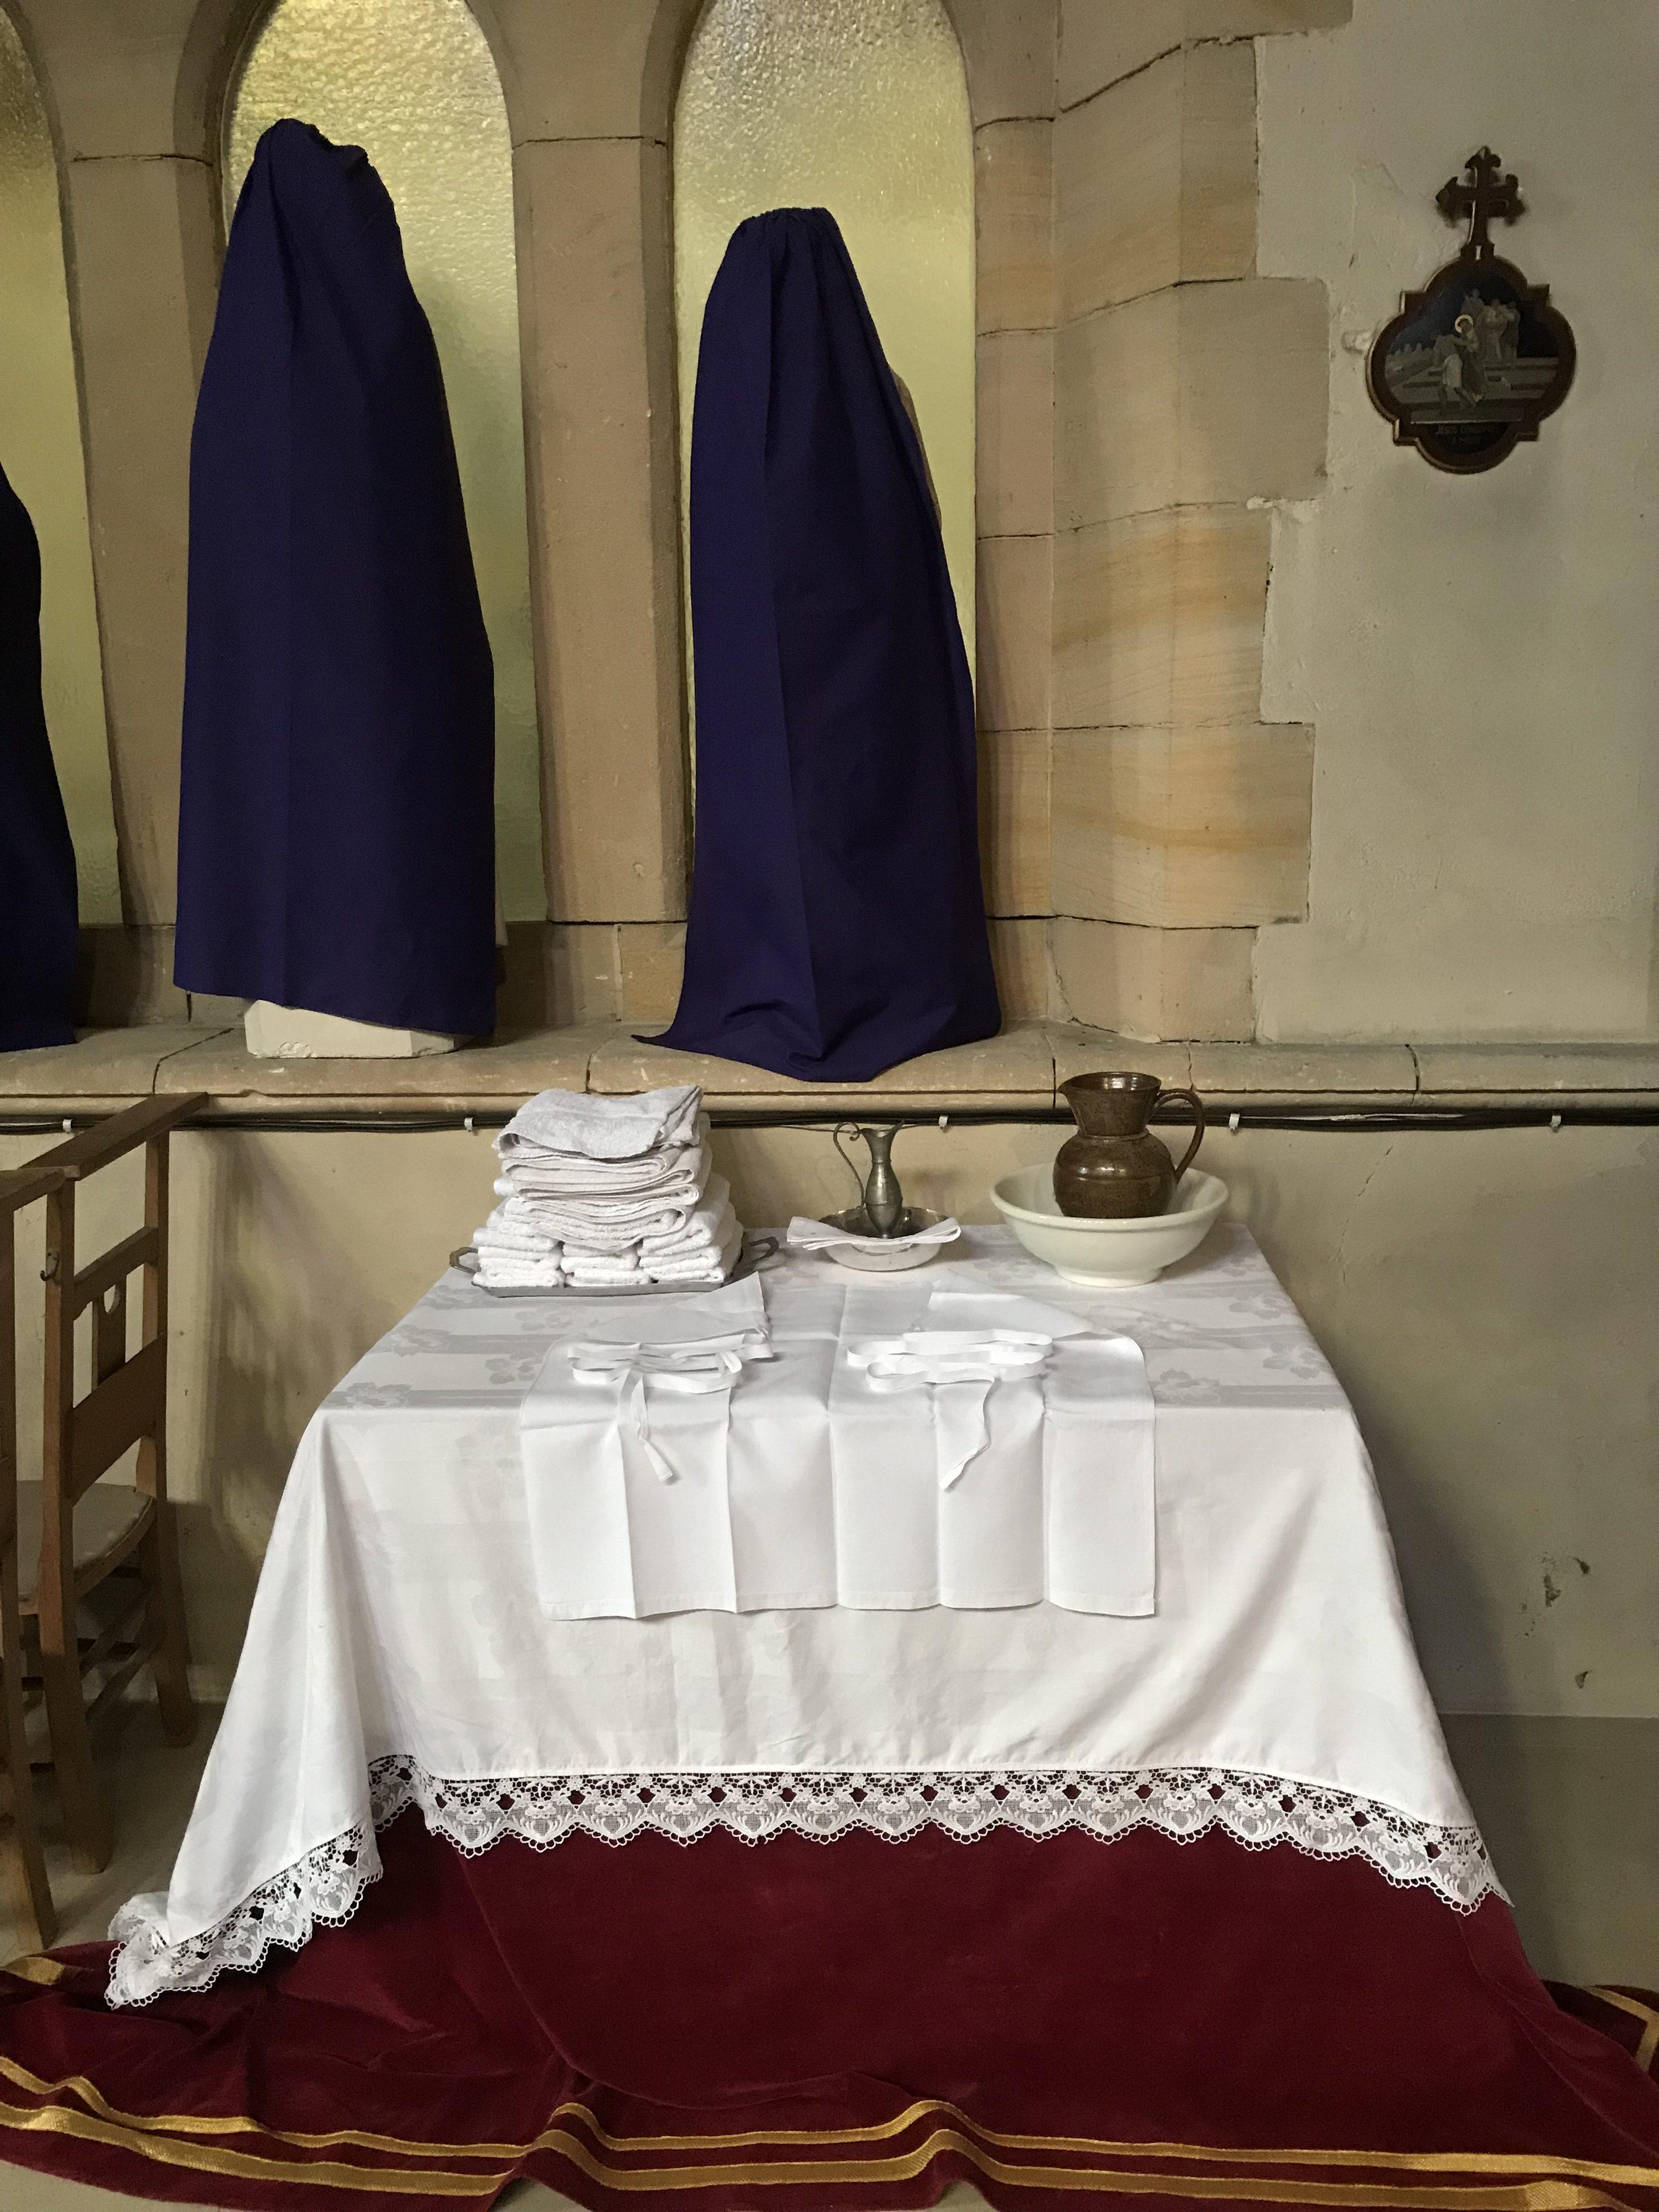 crédence pour le lavement des pieds ( Mandatum ) le prêtre, imitant ainsi Notre Seigneur, lavera les pieds de 12 hommes.